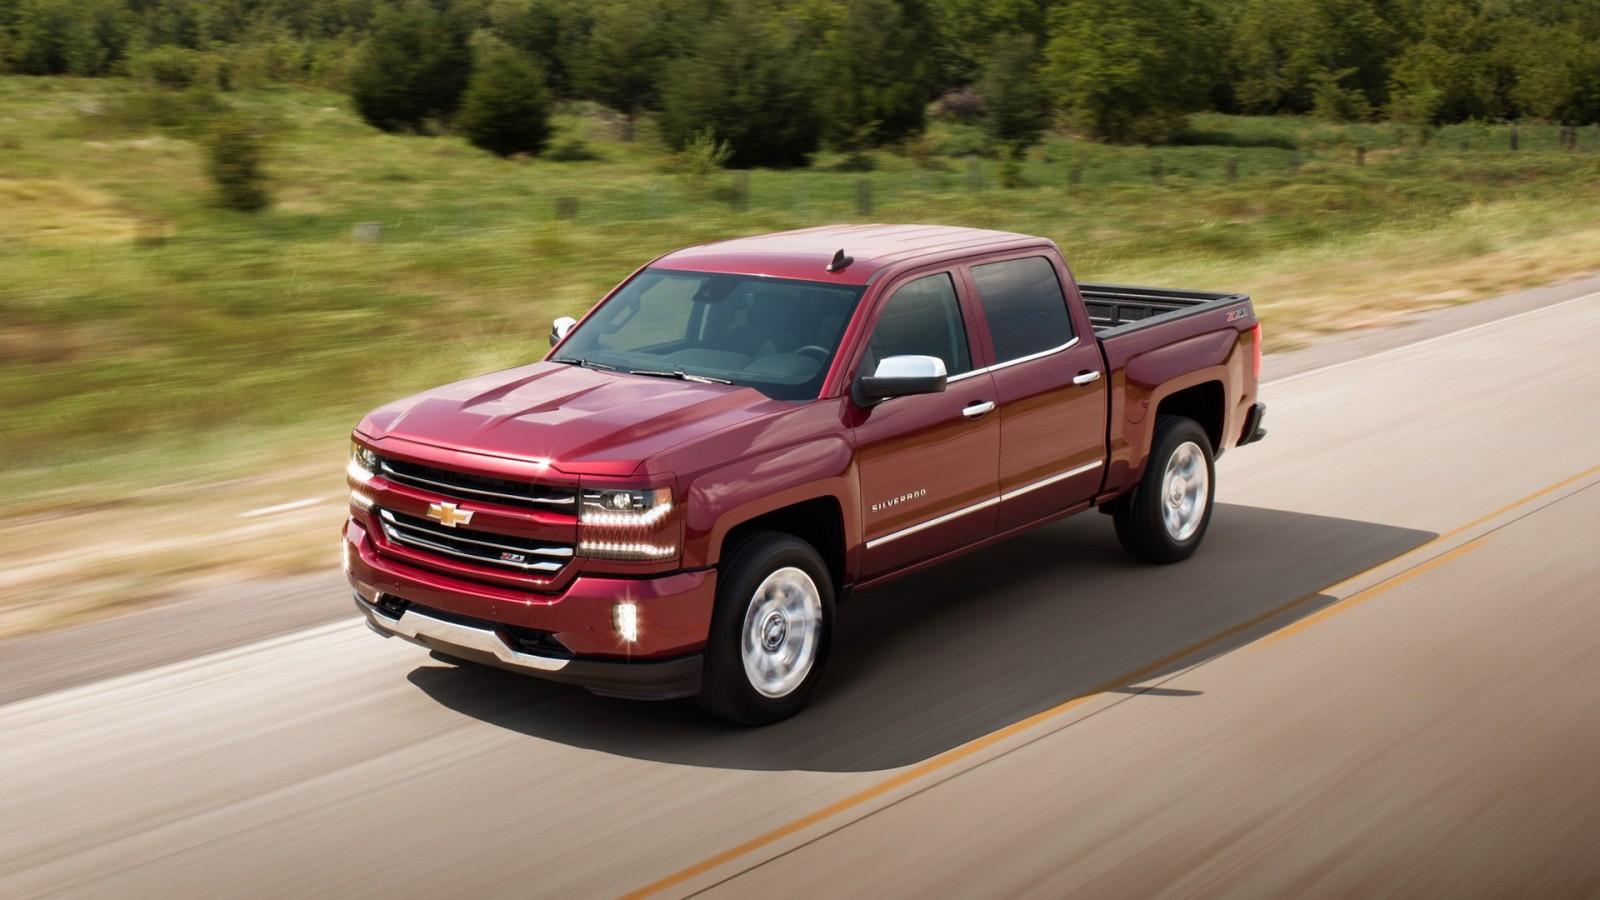 2016 Chevrolet Silverado 1500 red exterior